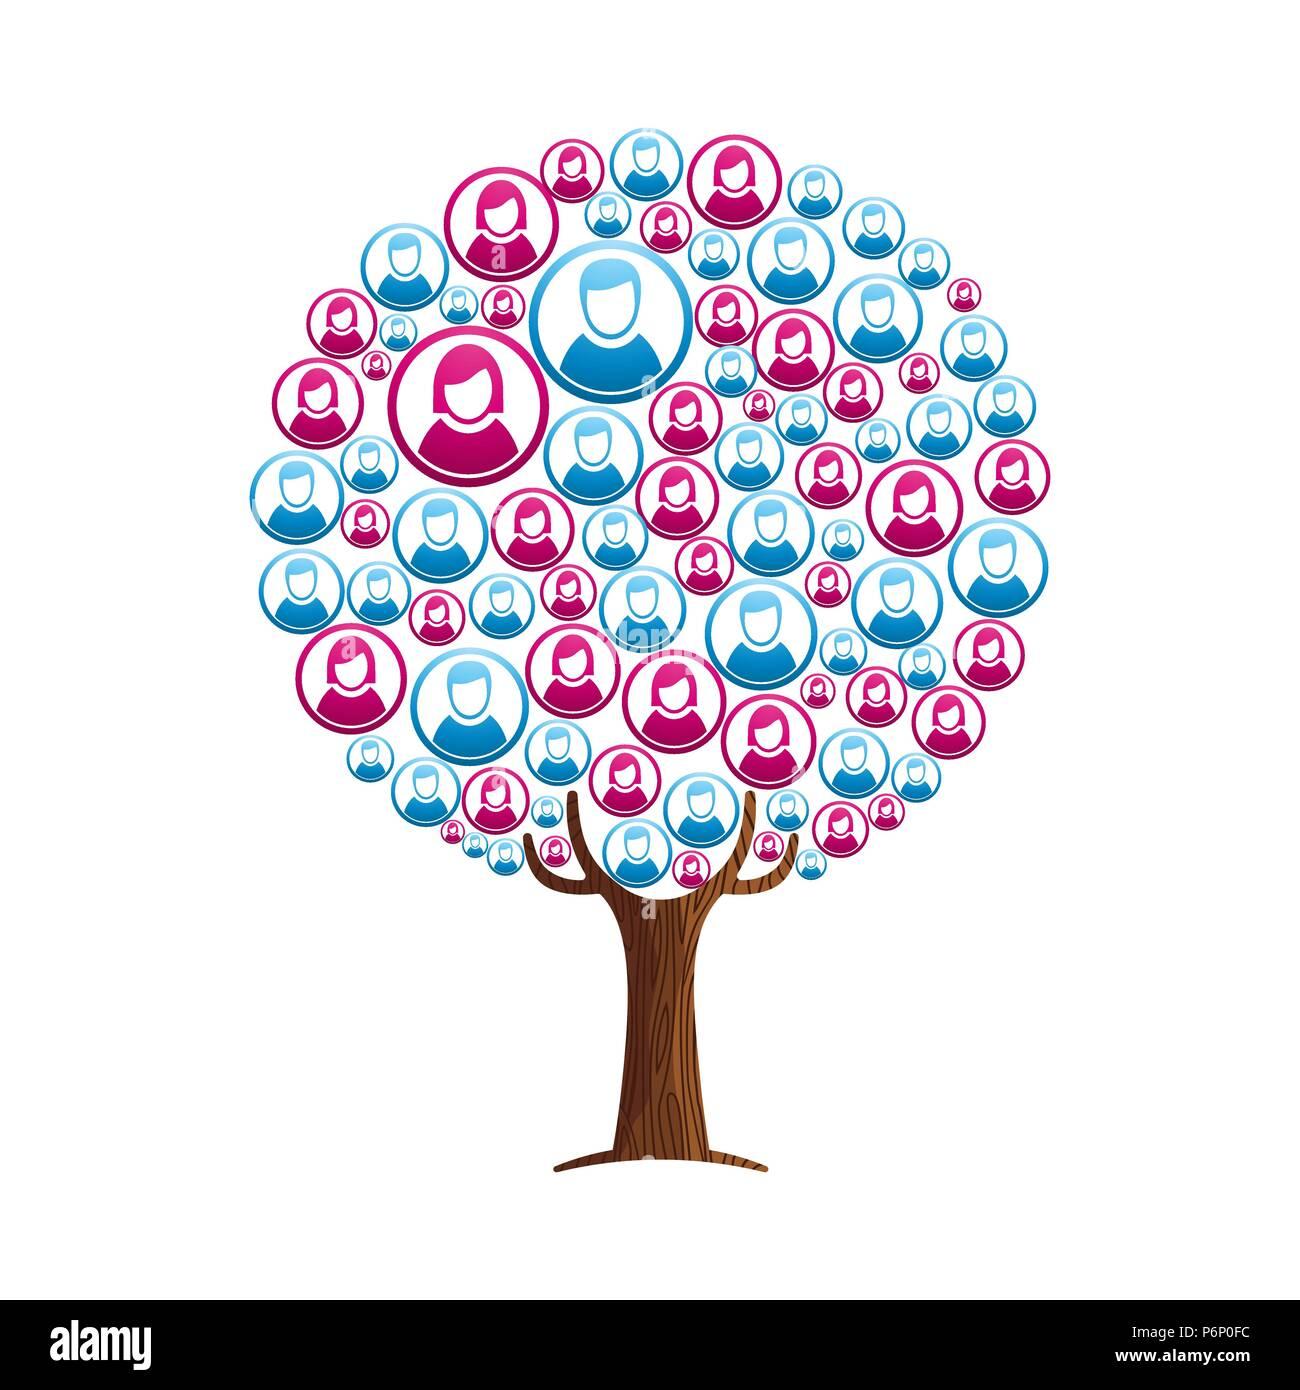 arborescence constitu u00e9e de personnes en ligne avatars profil  concept illustration pour aider la